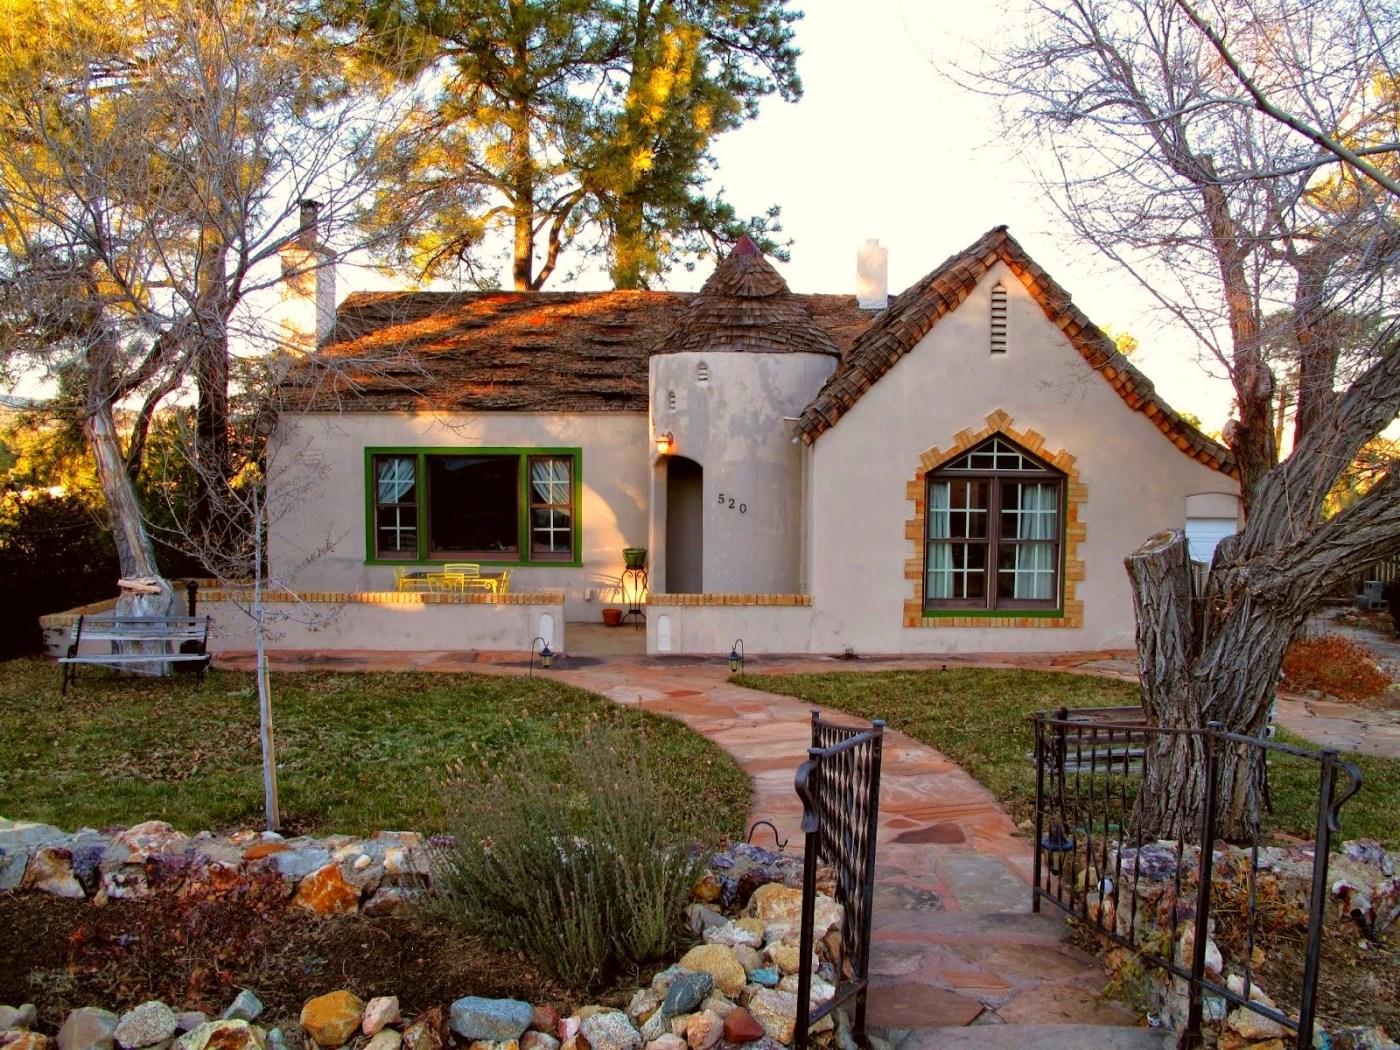 1930 Prescott AZ vintage cottage